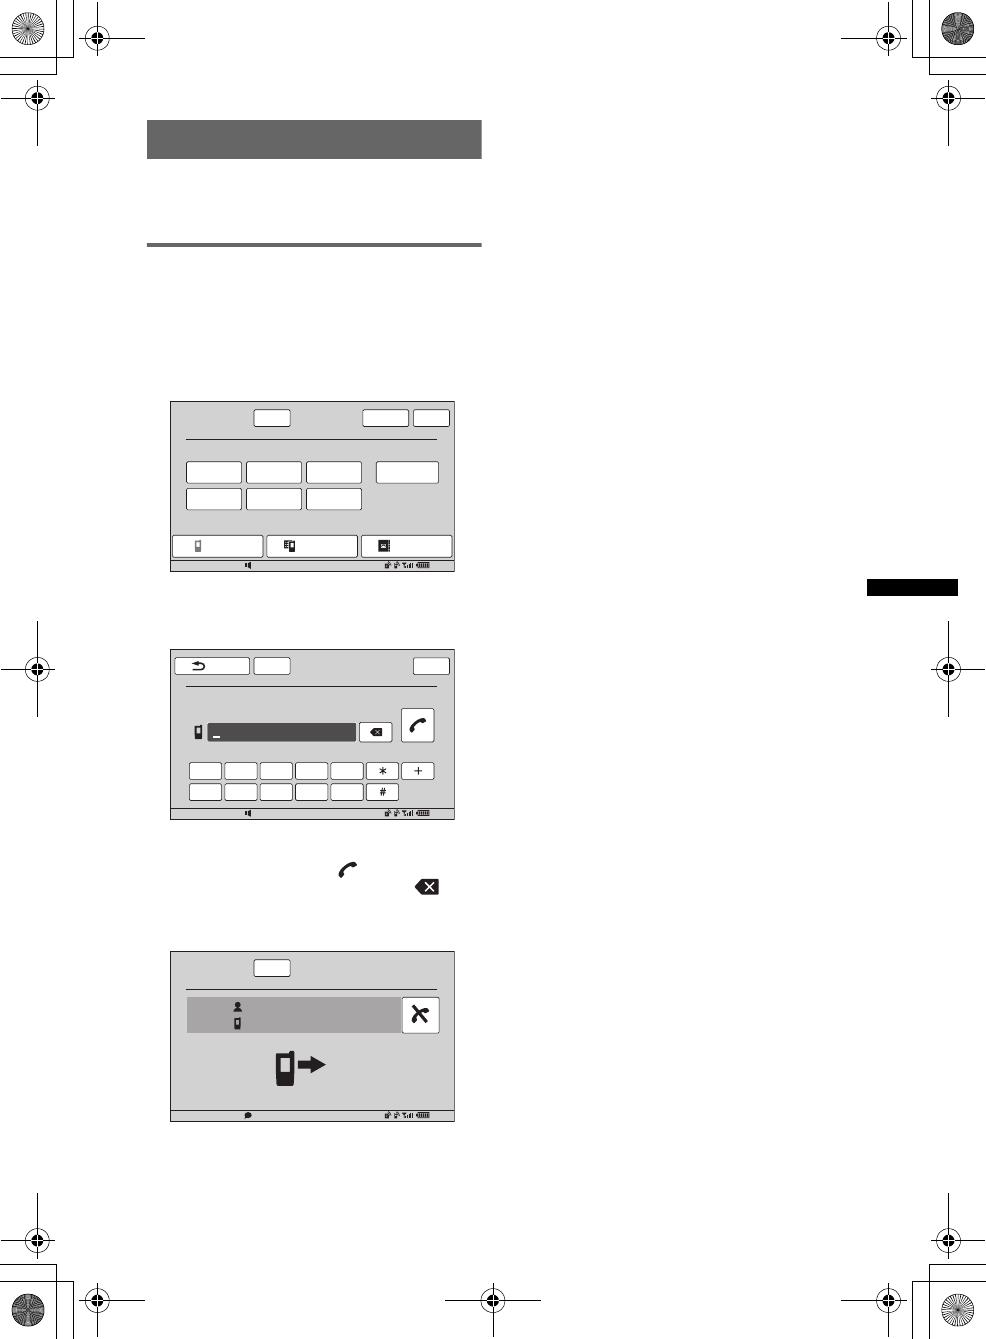 Sony Xav 70bt Wiring Diagram Library For Xplod Head Unit Along With Xav70bt Av Center User Manual 39